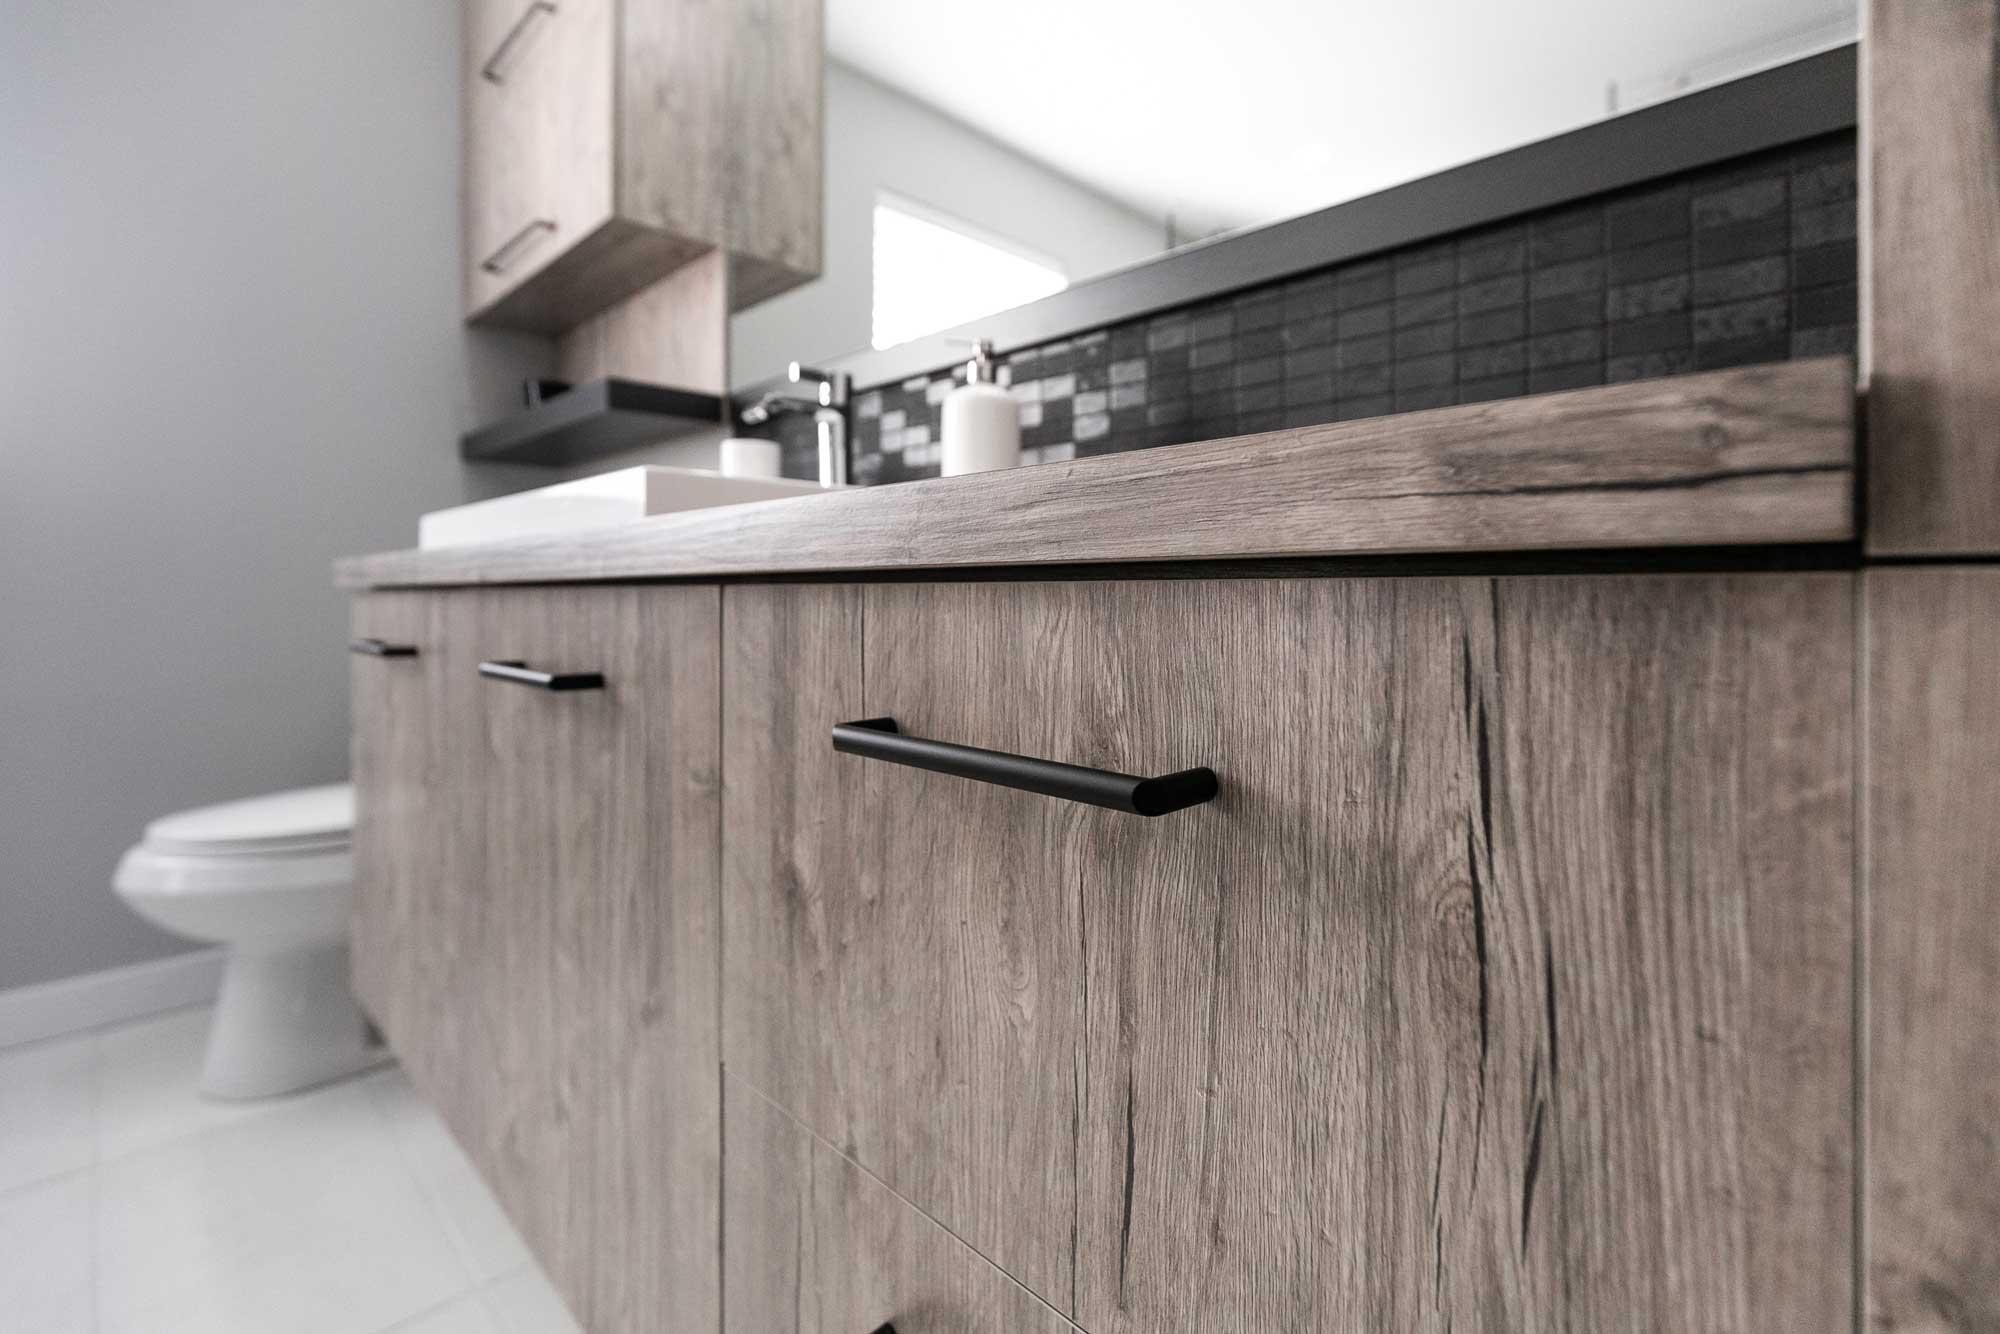 salle de bain contemporaine avec armoire en bois beige et poignées noires